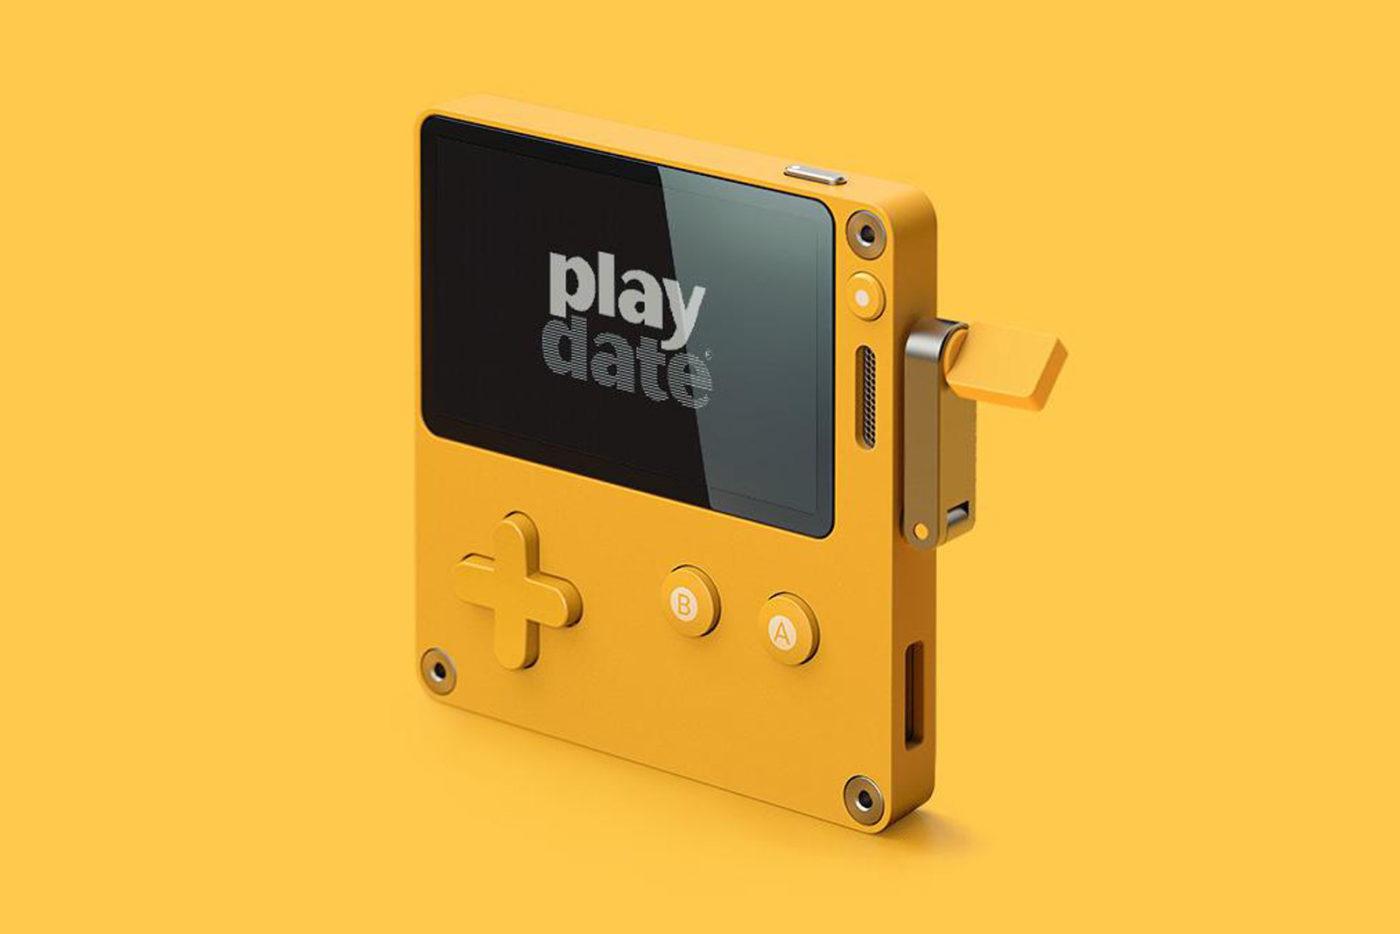 playdate new handheld